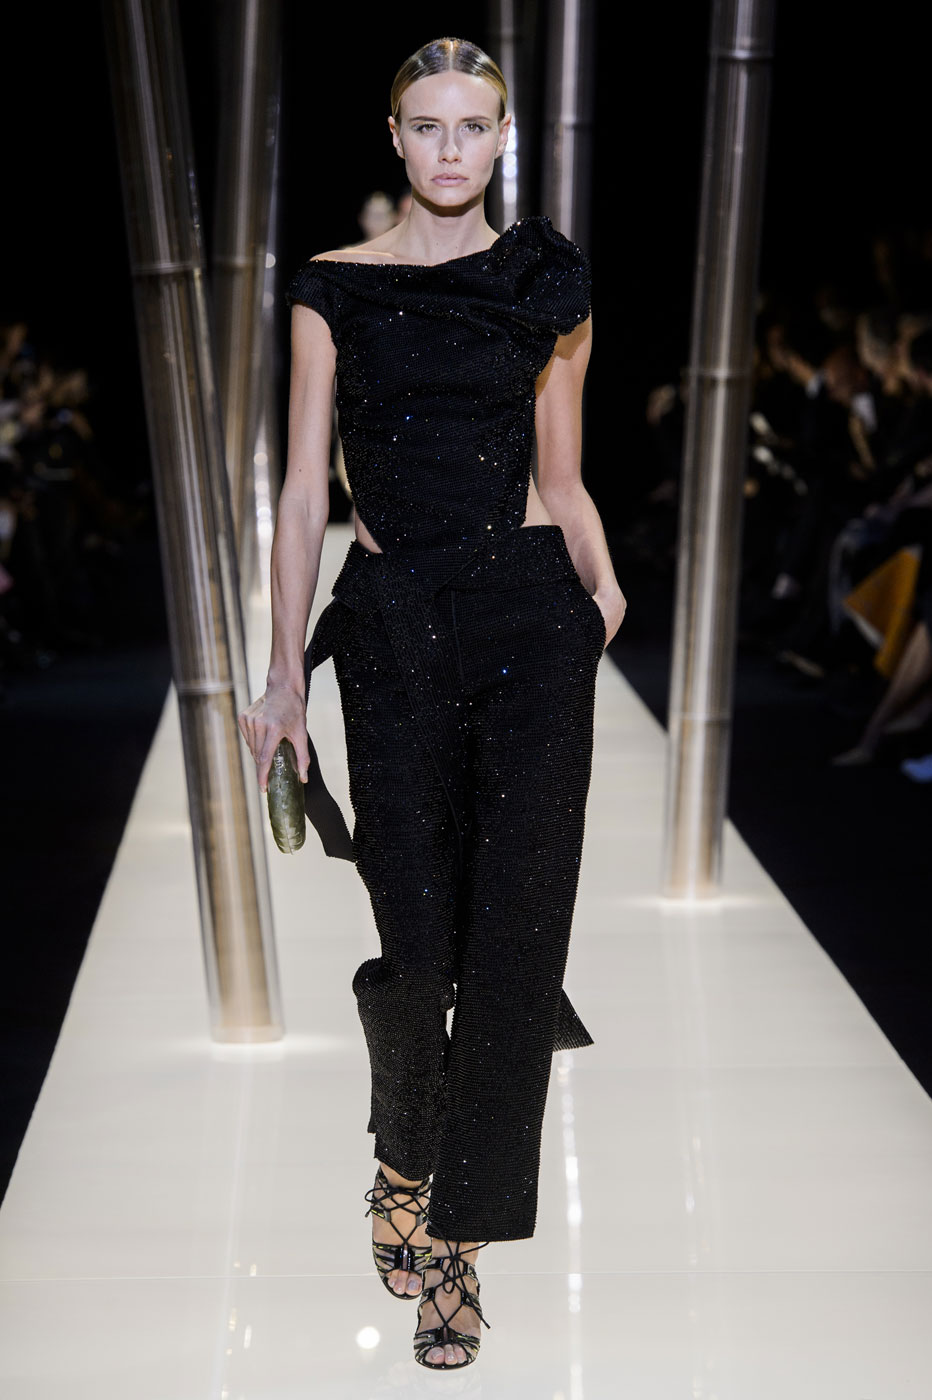 Giorgio-armani-Prive-fashion-runway-show-haute-couture-paris-spring-2015-the-impression-079